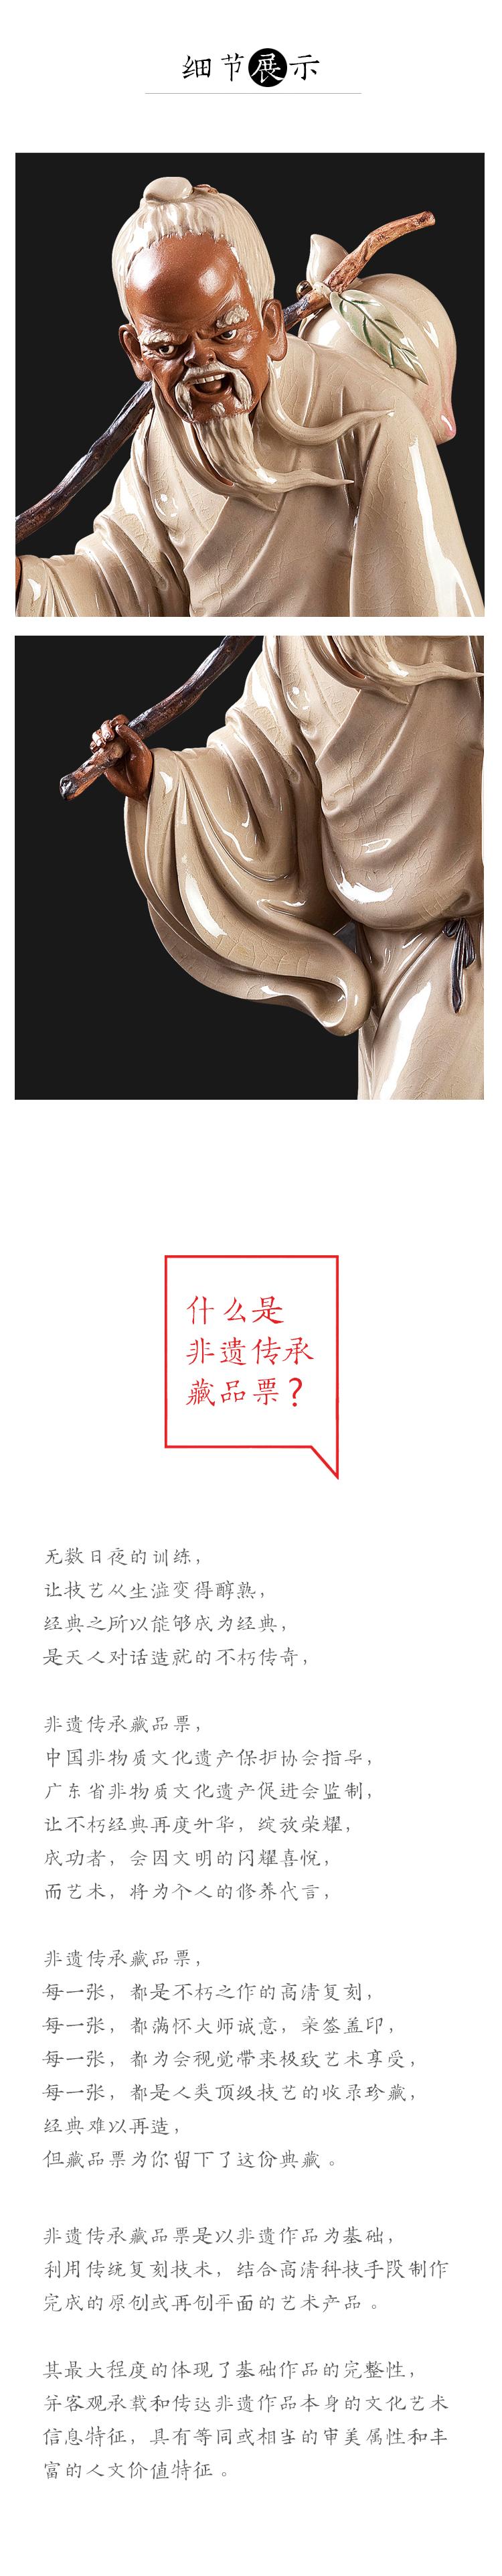 刘桂芳-东方朔_04.jpg